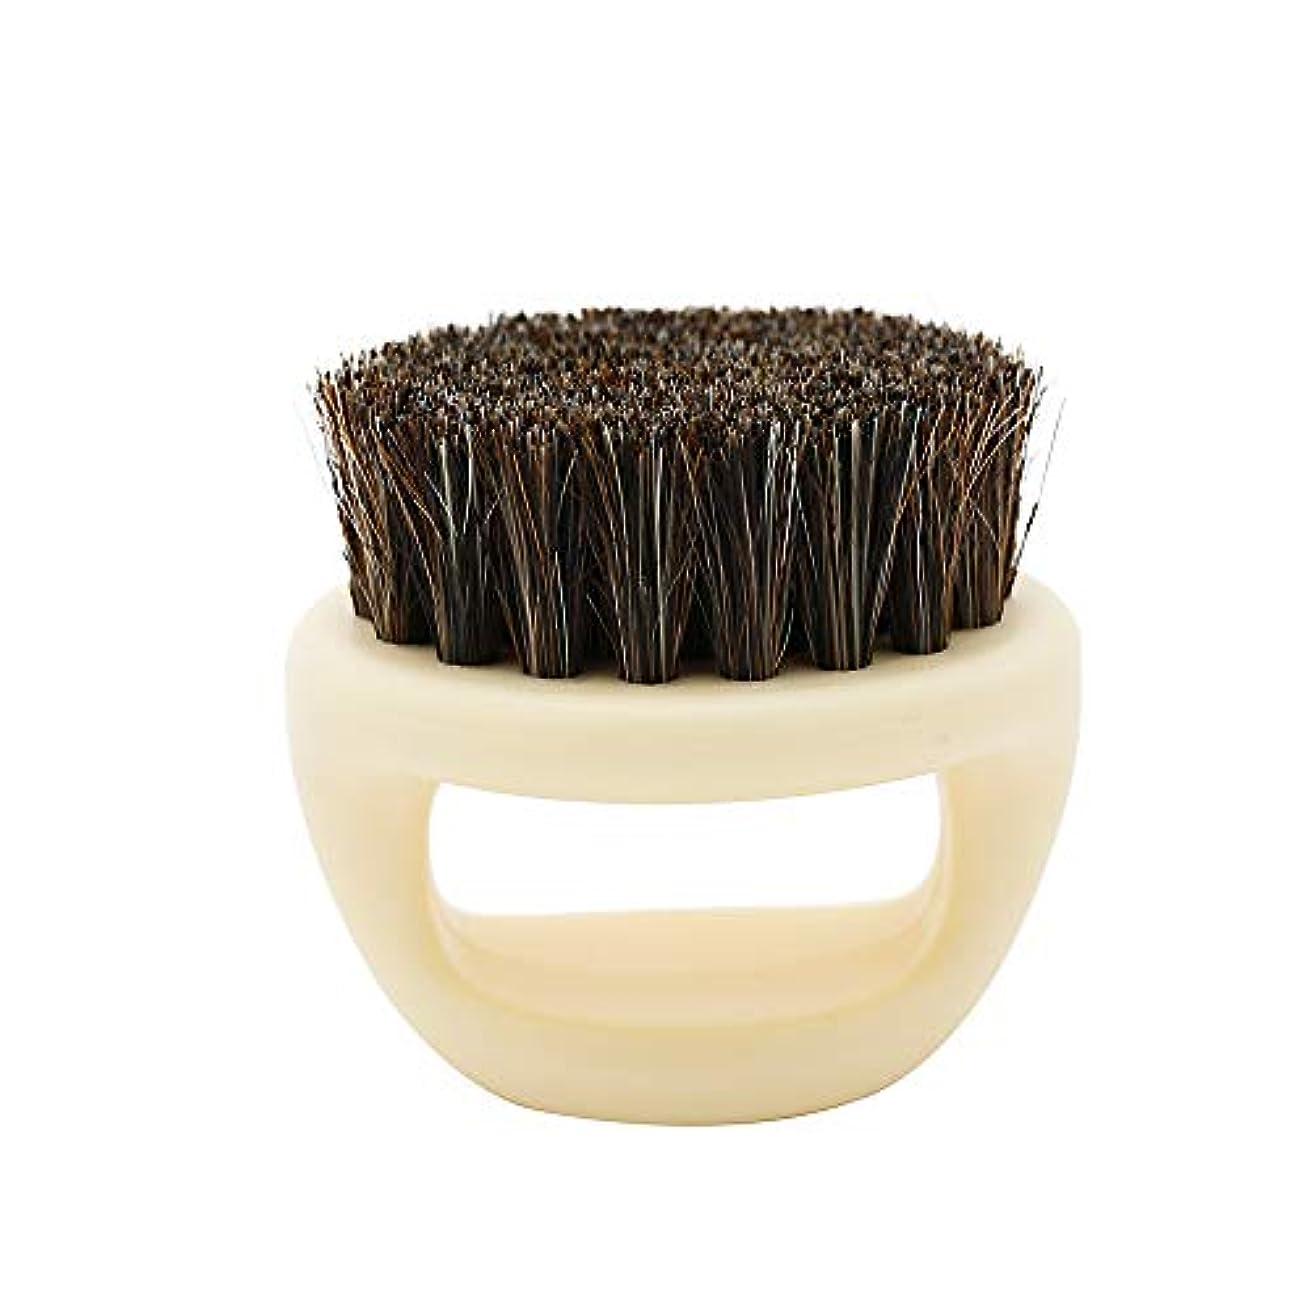 勇気受粉する原点Nrpfell 1個リングデザイン馬毛メンズシェービングブラシプラスチック製の可搬式理容ひげブラシサロンフェイスクリーニングかみそりブラシ(ホワイト)